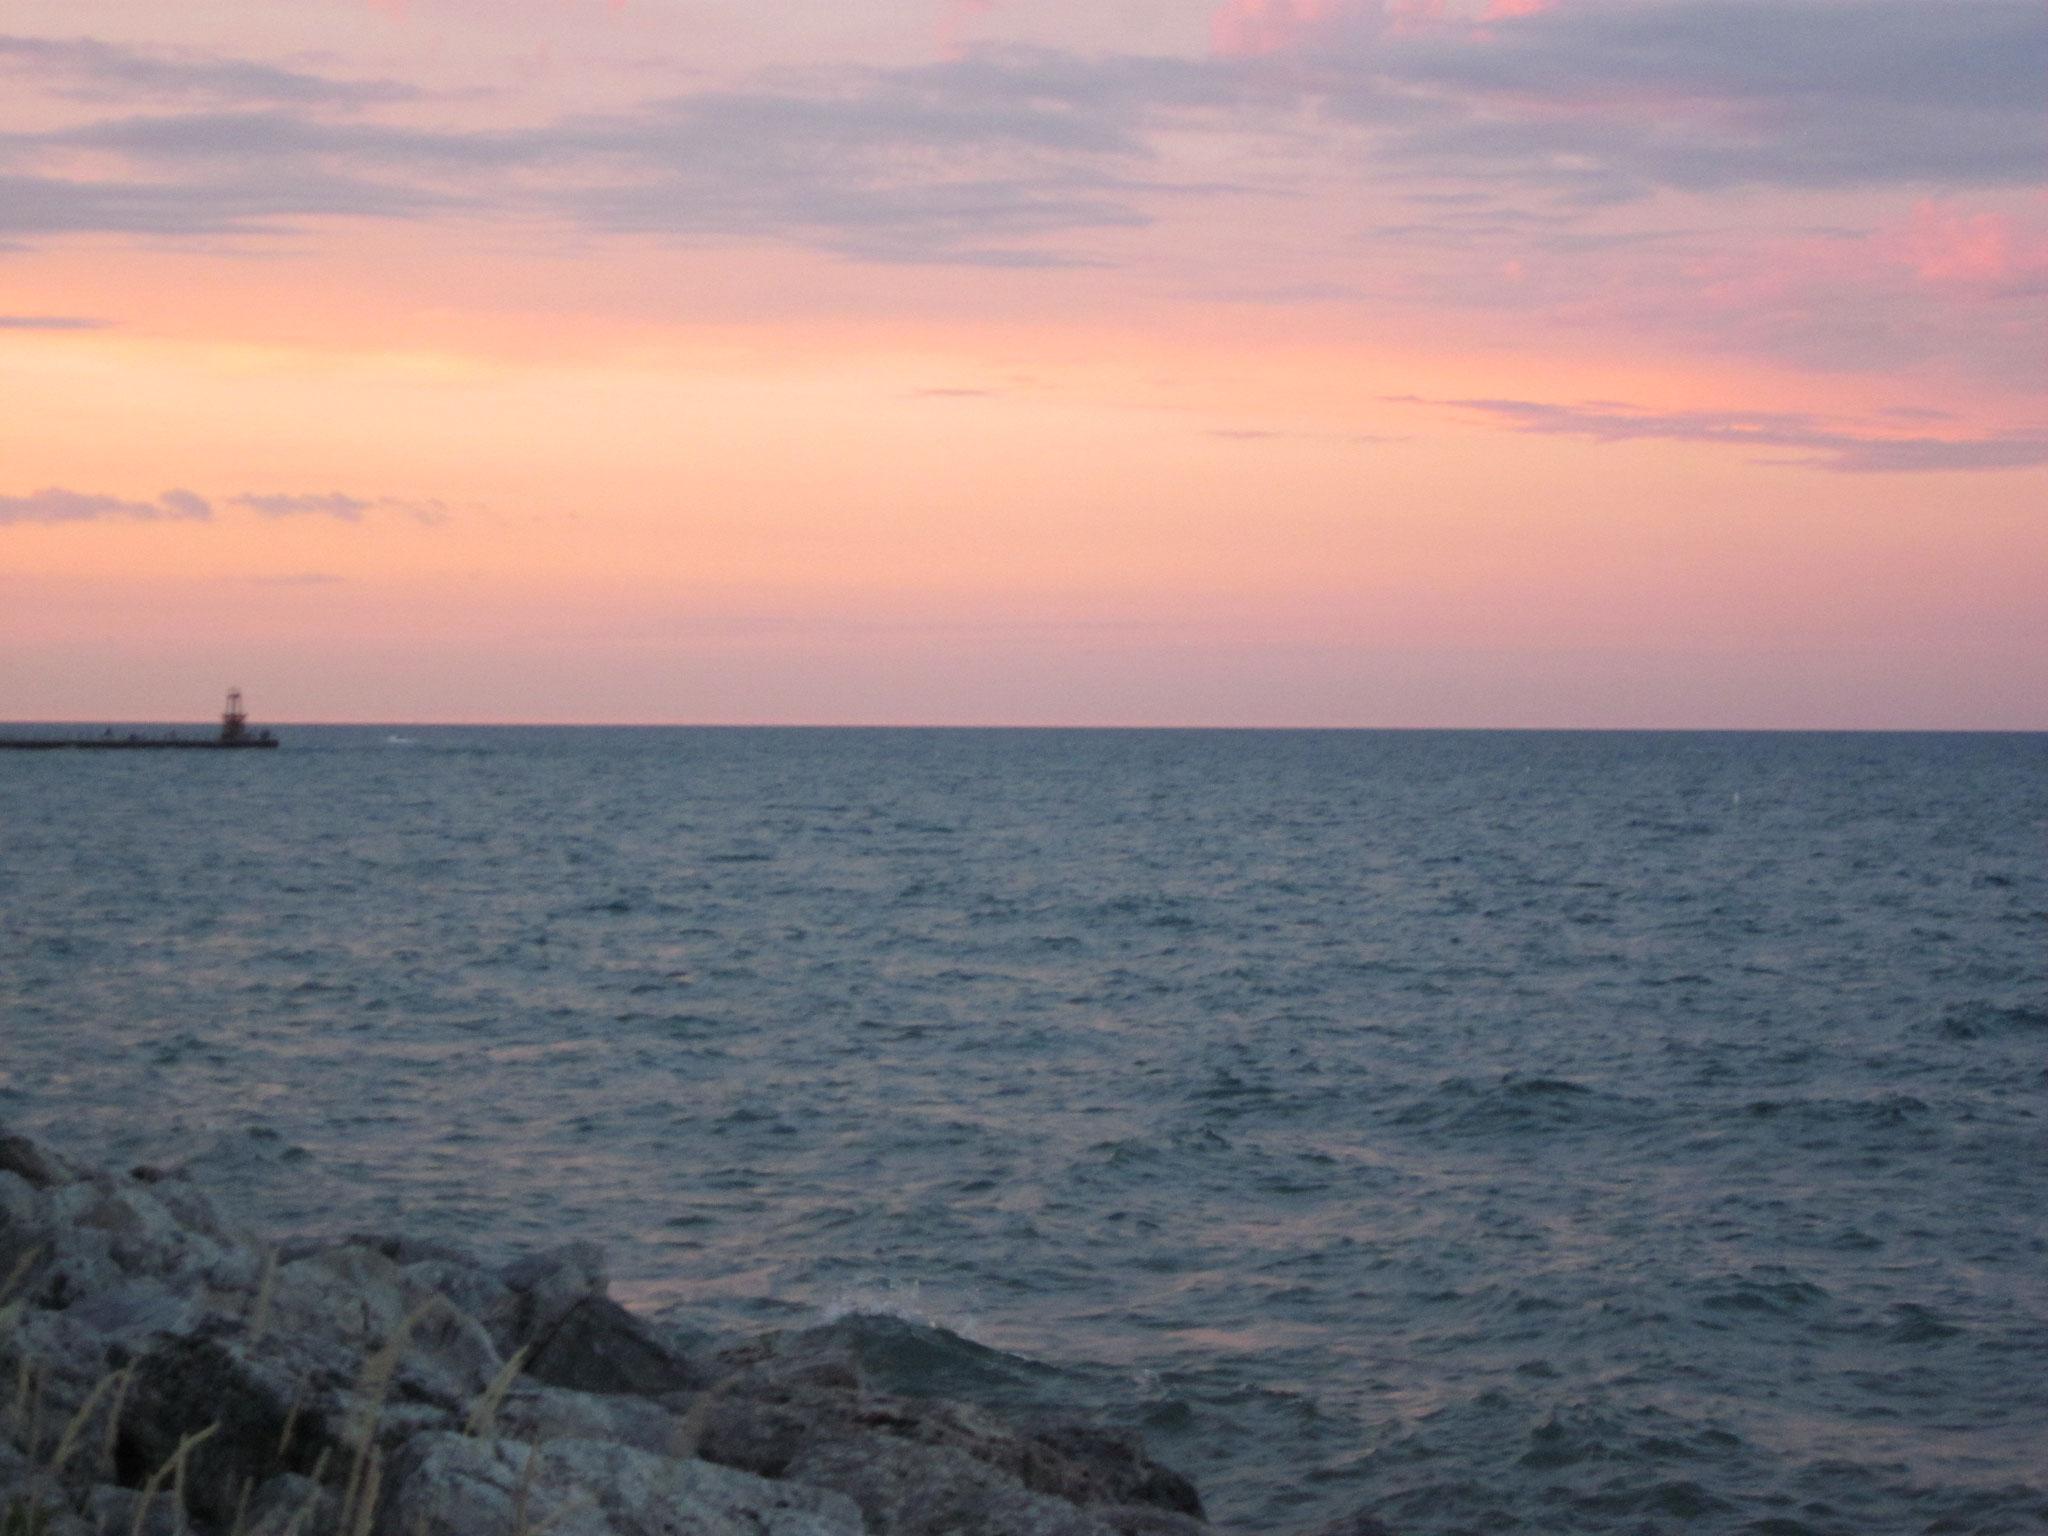 ミシガン湖の夕暮れ